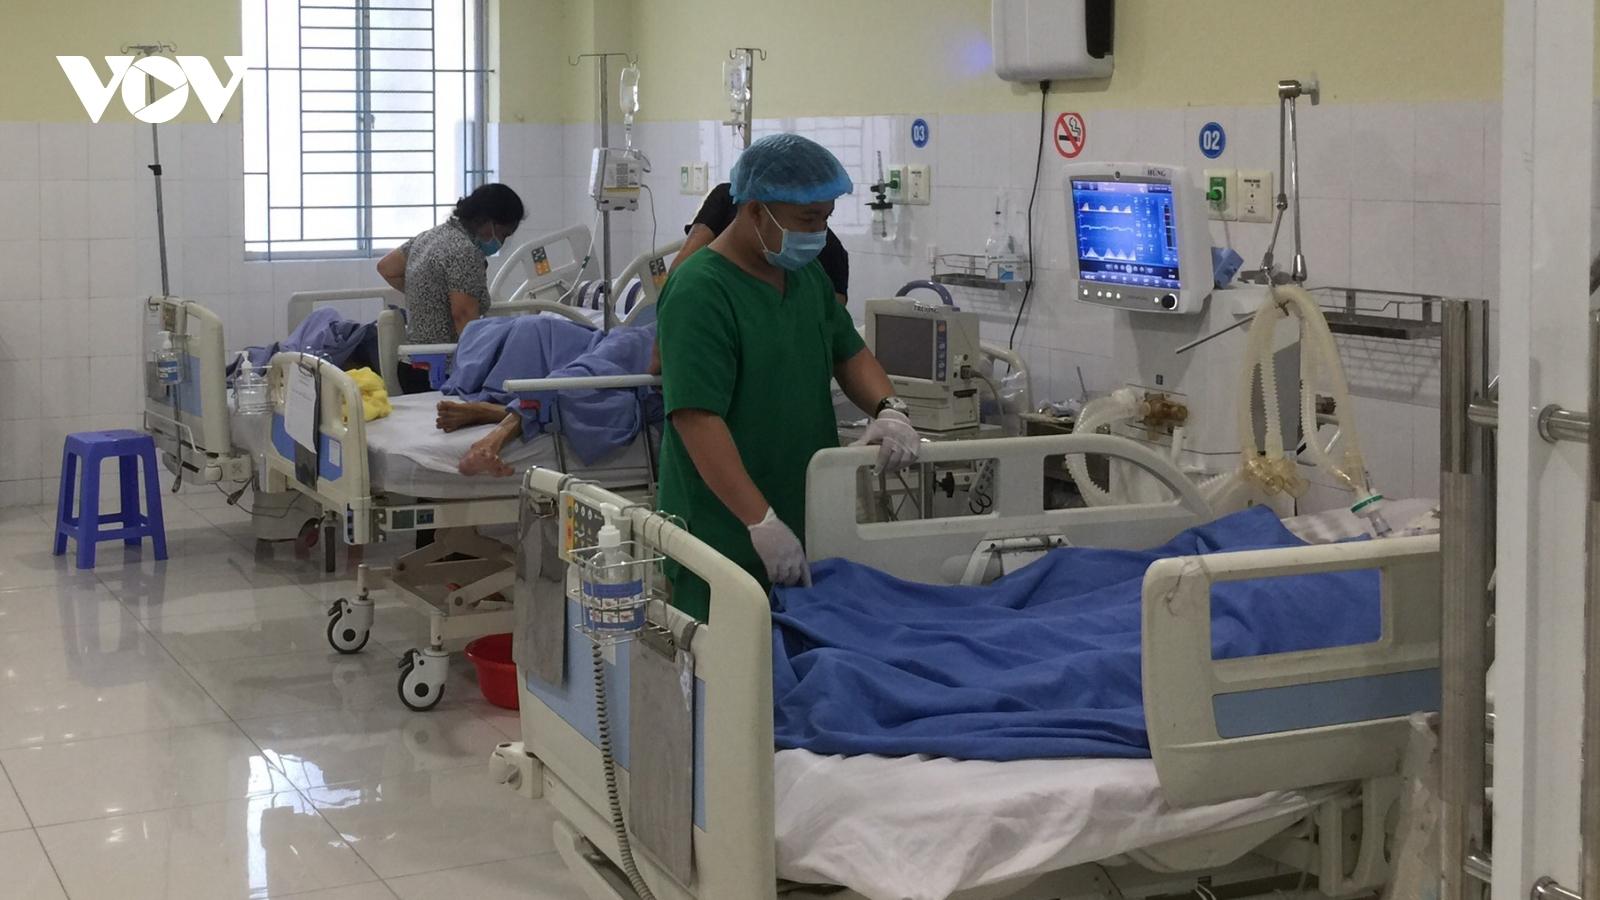 Dùng thuốc lạ, nam sinh ở Đà Nẵng phải nhập viện cấp cứu